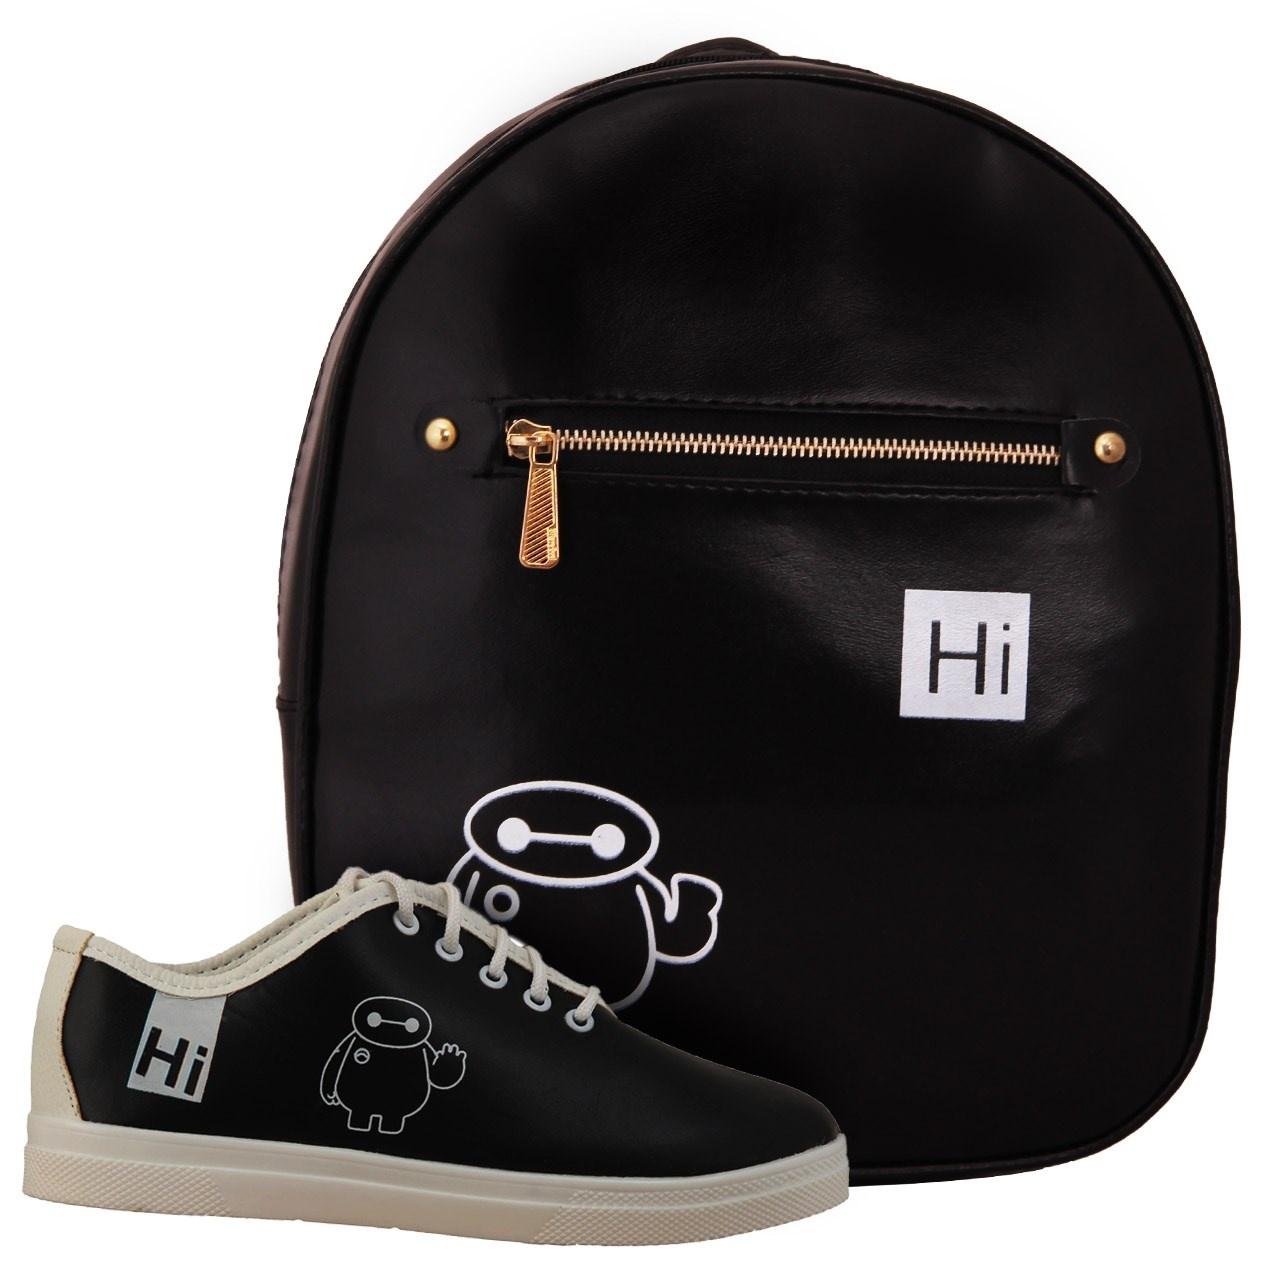 ست کیف و کفش زنانه دوک مدل 1-39050-K39050